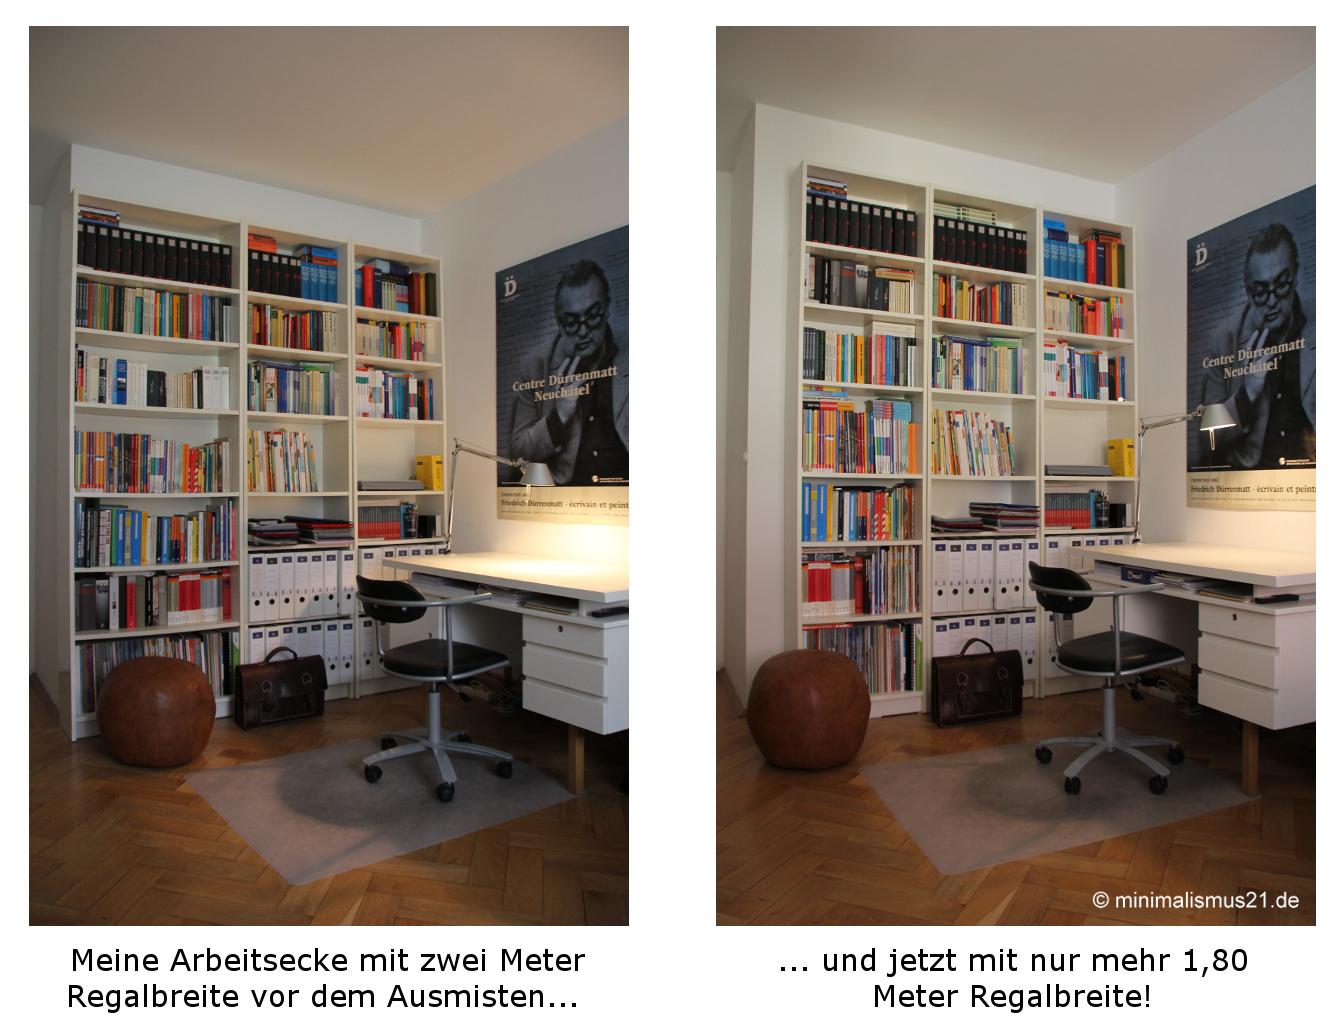 Didaktische reduktion minimalismus21 for Minimalistisch wohnen vorher nachher